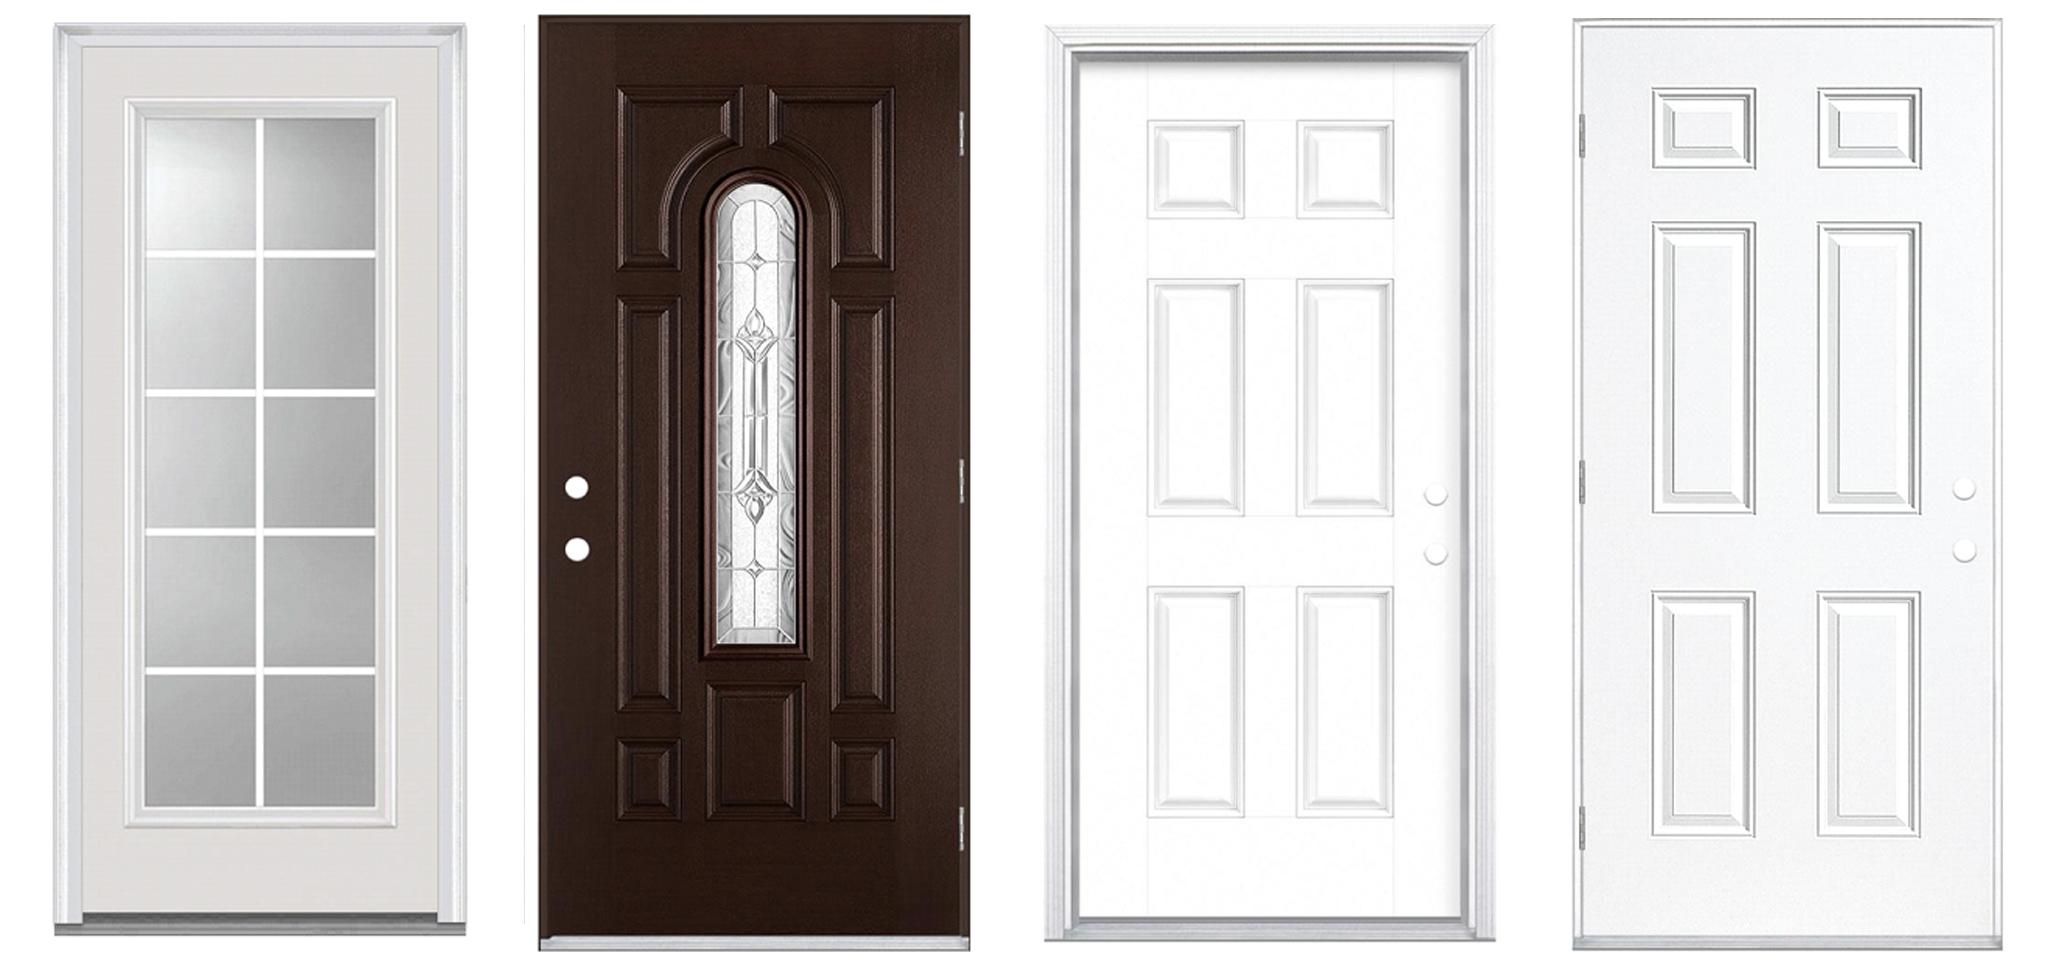 Doors Five